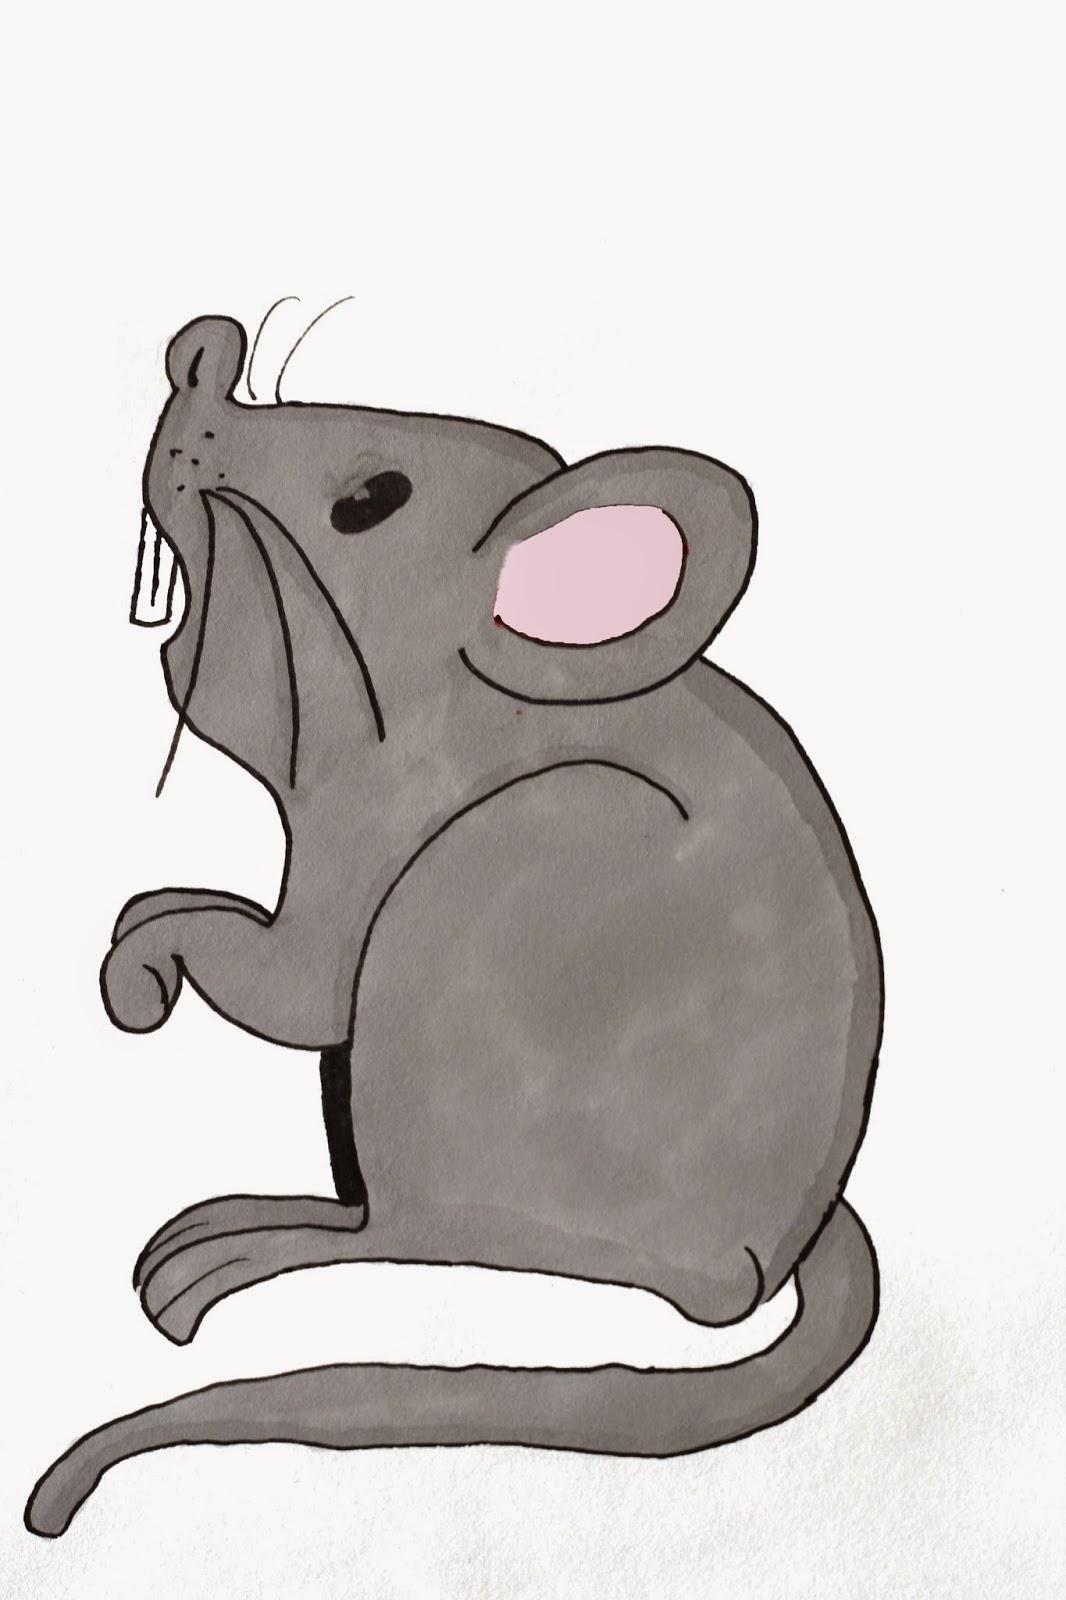 Le blog de kuash des dessins aux promarkers - Dessin sourie ...